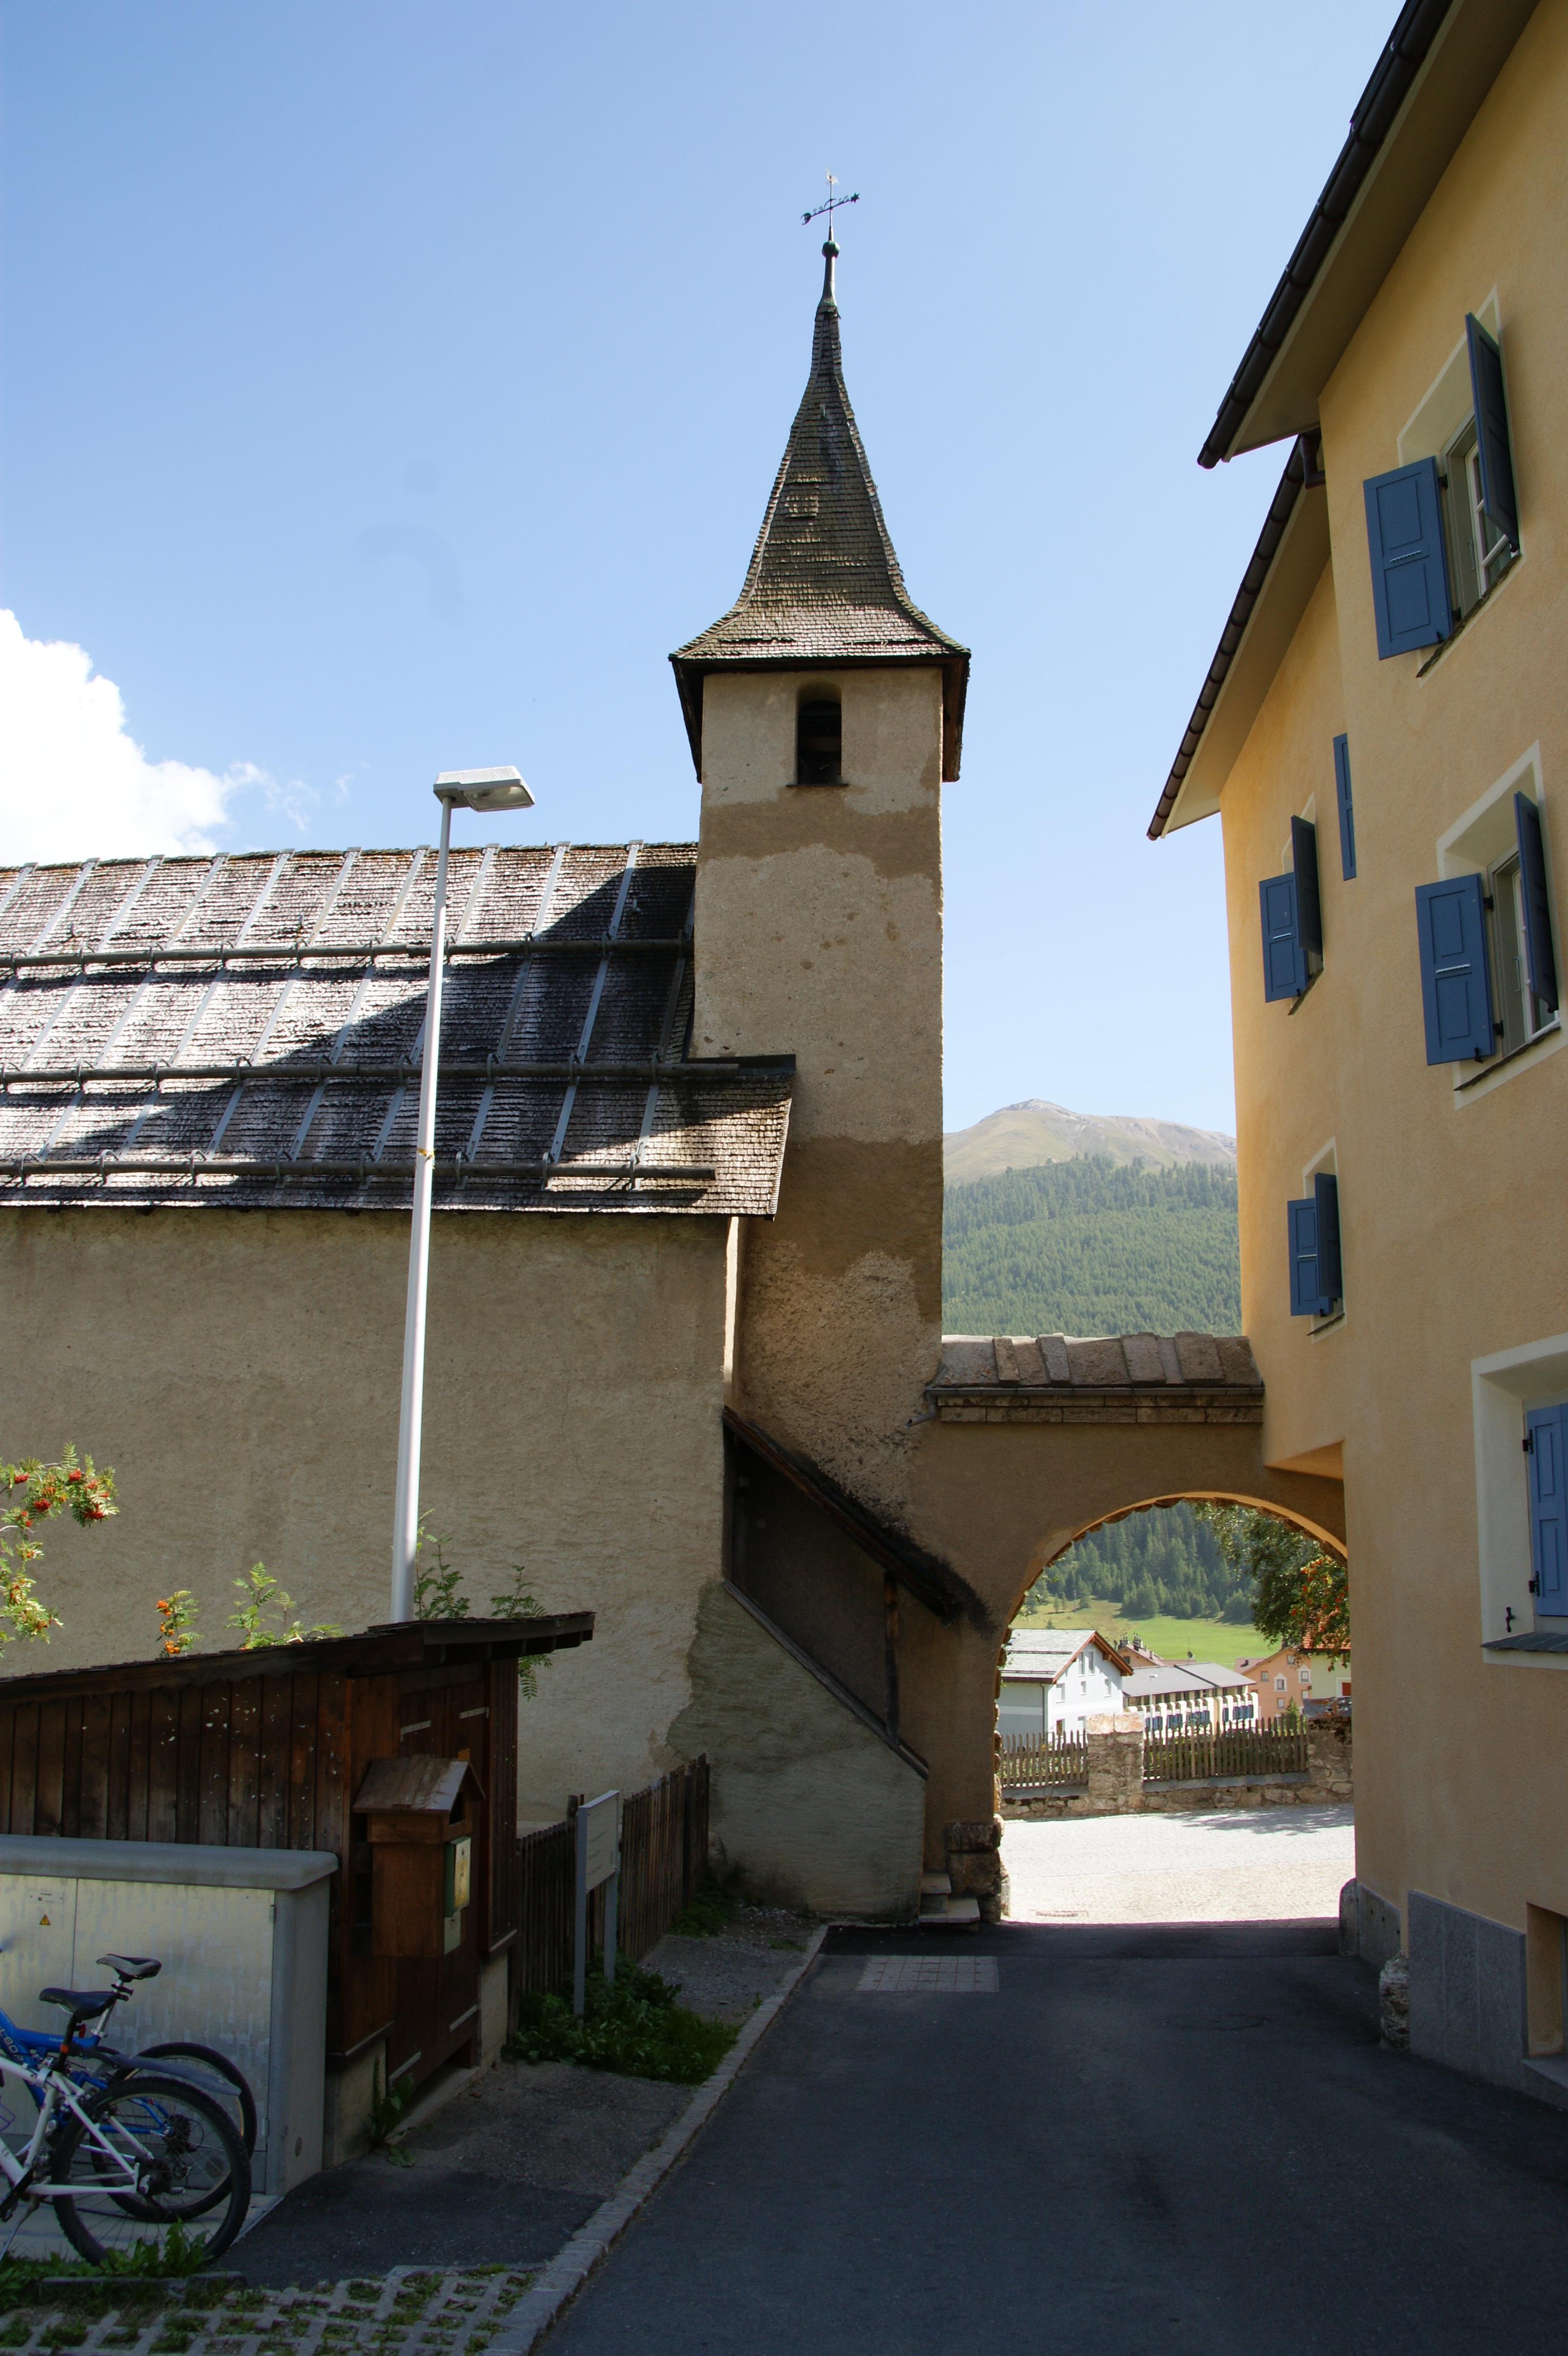 Katholische Kirche Santa Chatrigna Slide 3